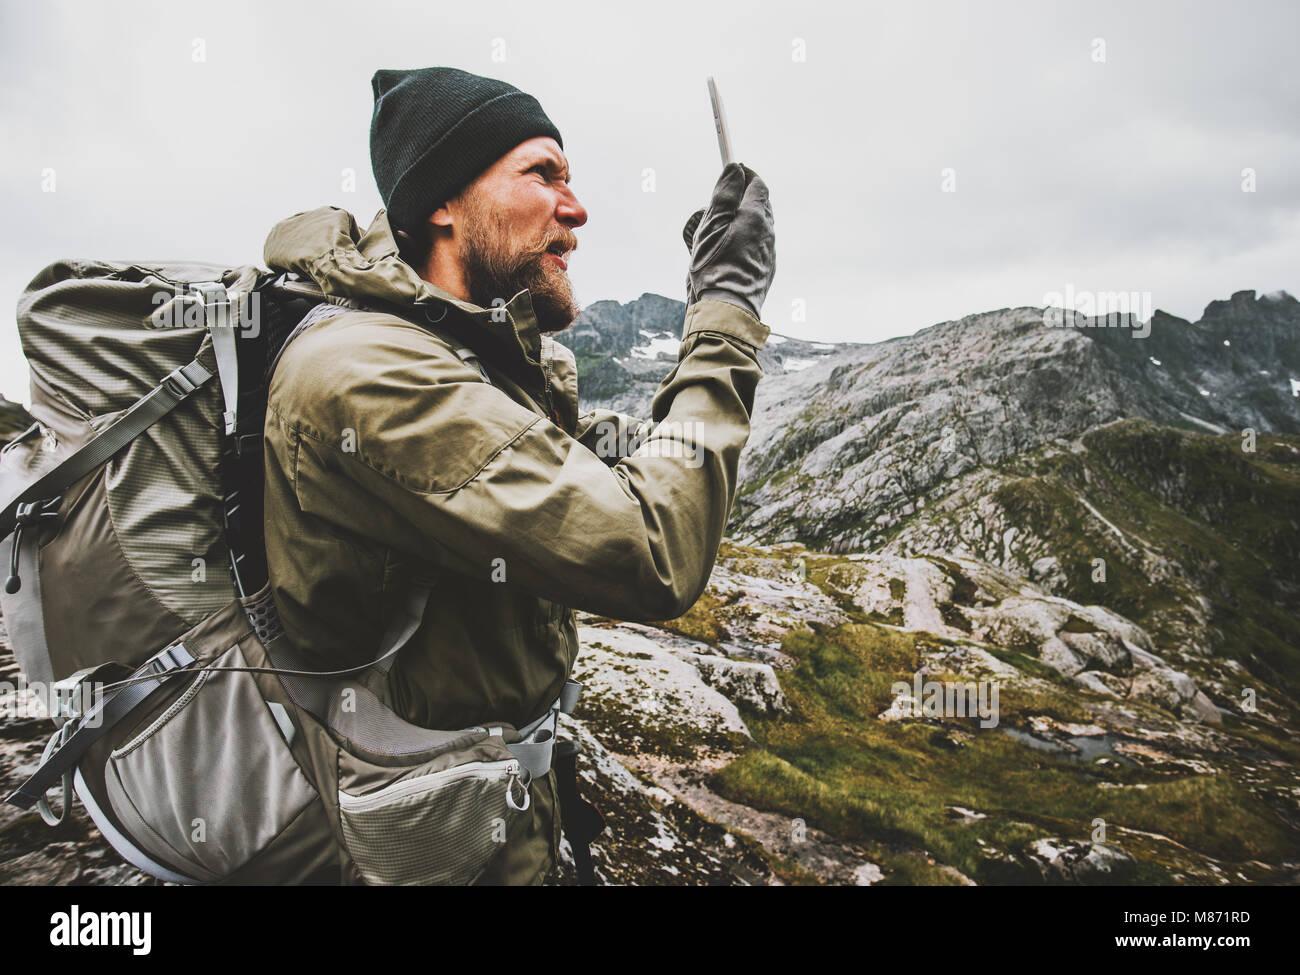 L'uomo traveler utilizza lo smartphone gps navigator controllo delle coordinate di percorso trekking in montagna Immagini Stock